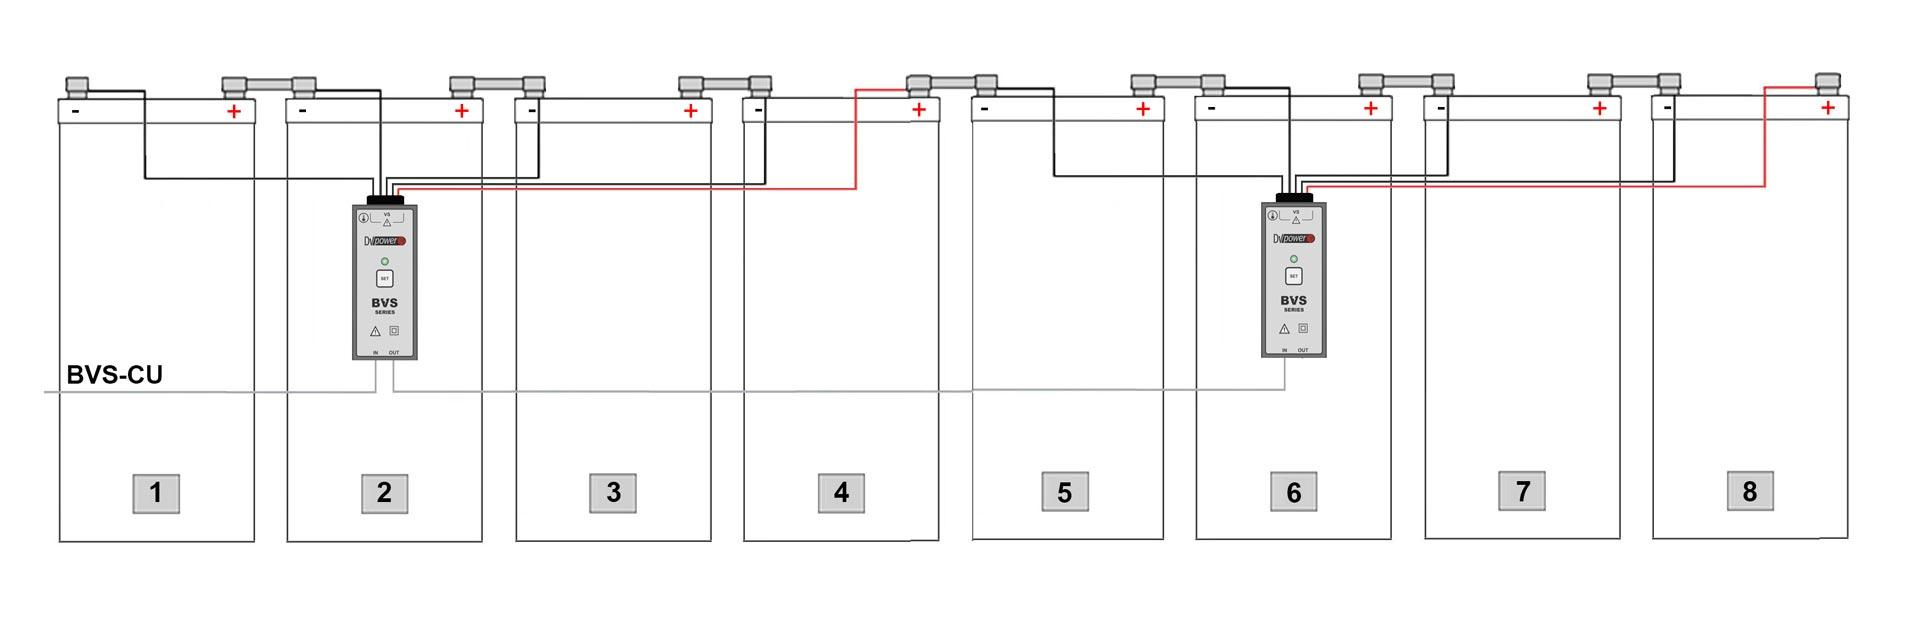 BVS-4 Connection Diagram